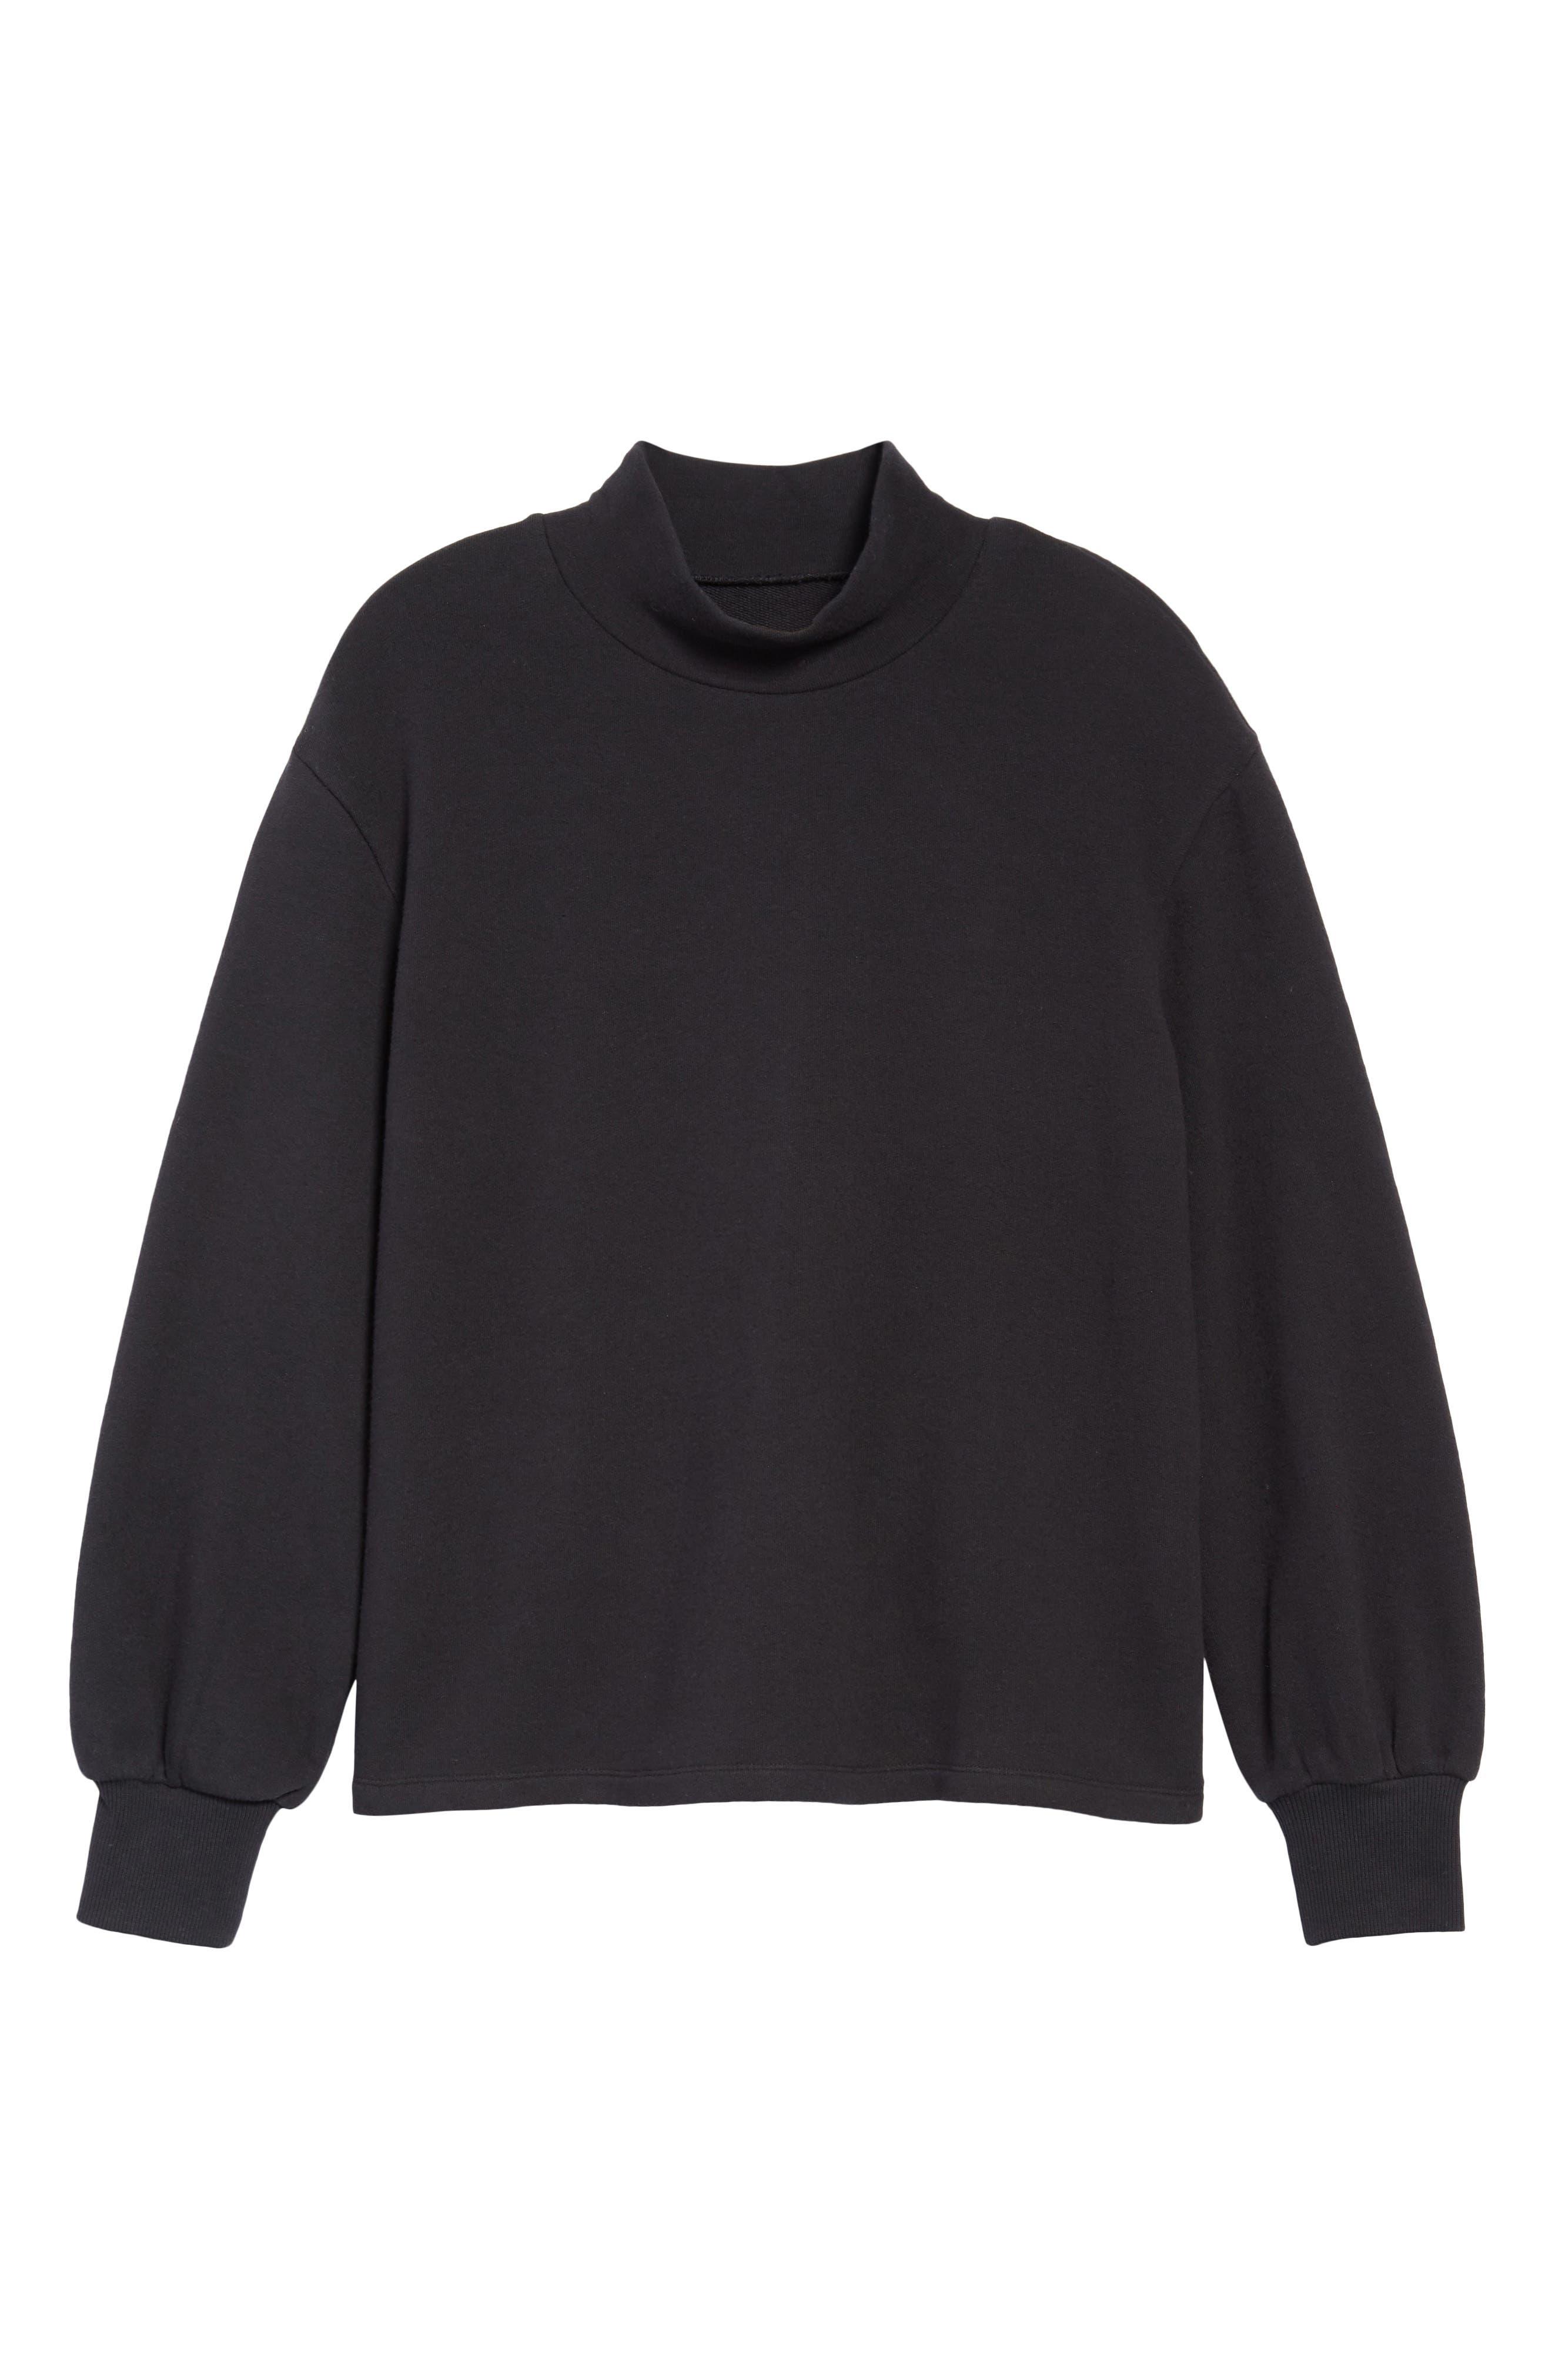 Madewell Mock Neck Bubble Sleeve Sweatshirt